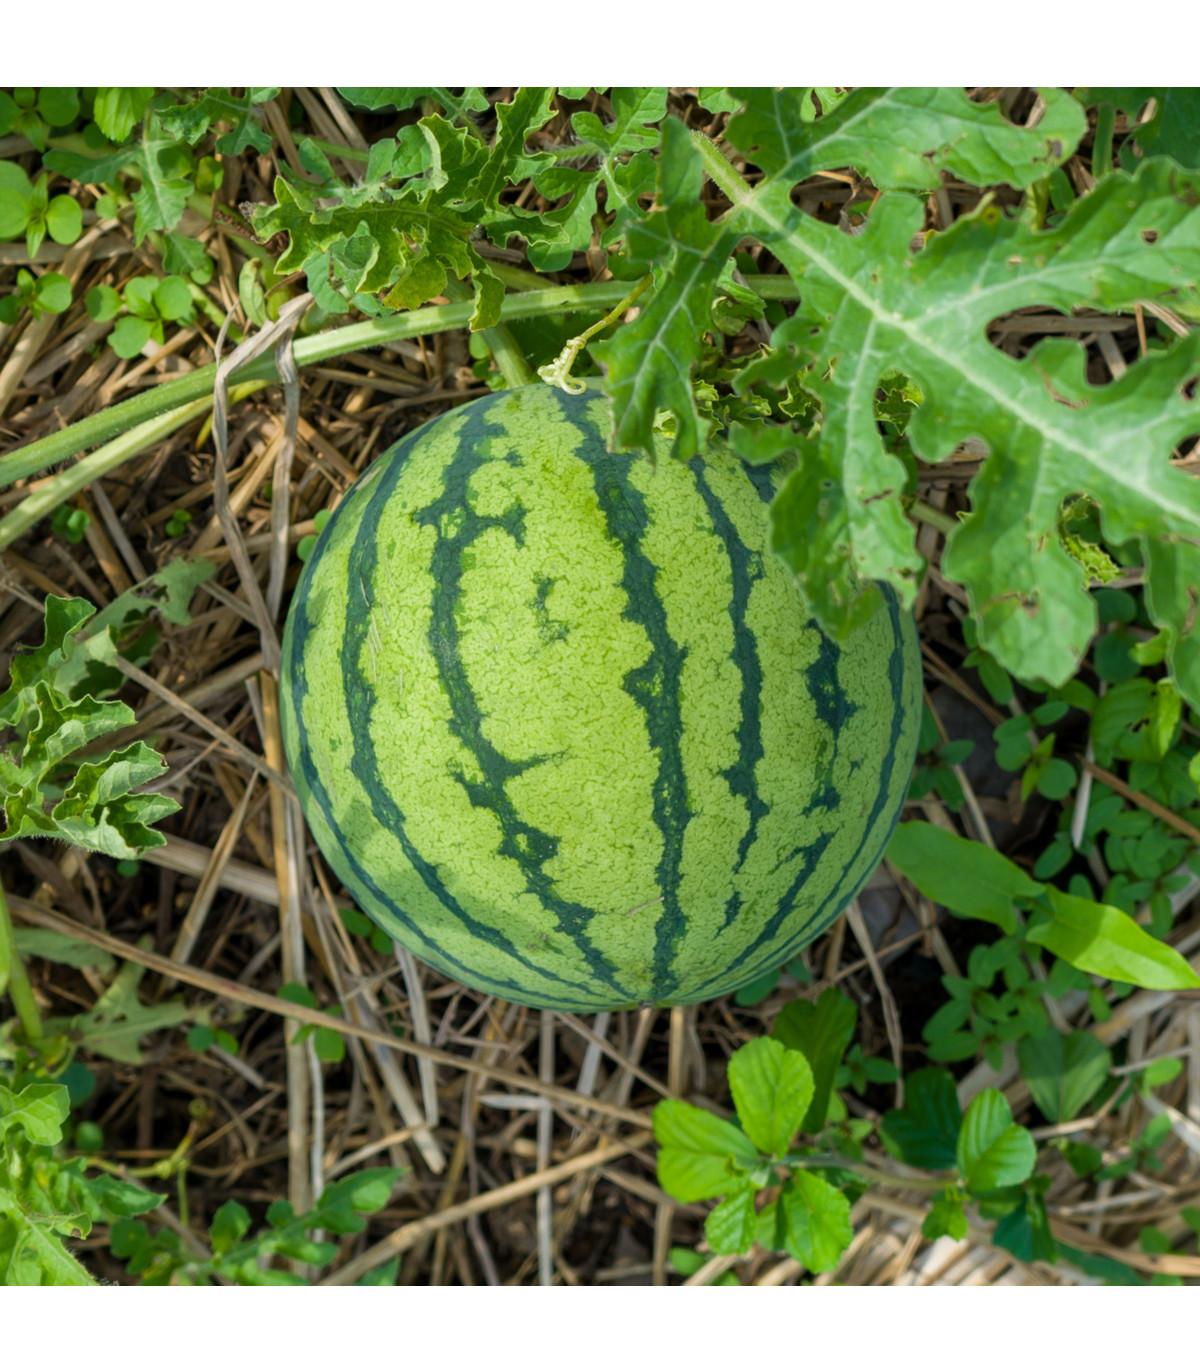 Meloun vodní Primaorange F1 - Citrullus lanatus - osivo melounu - 7 ks